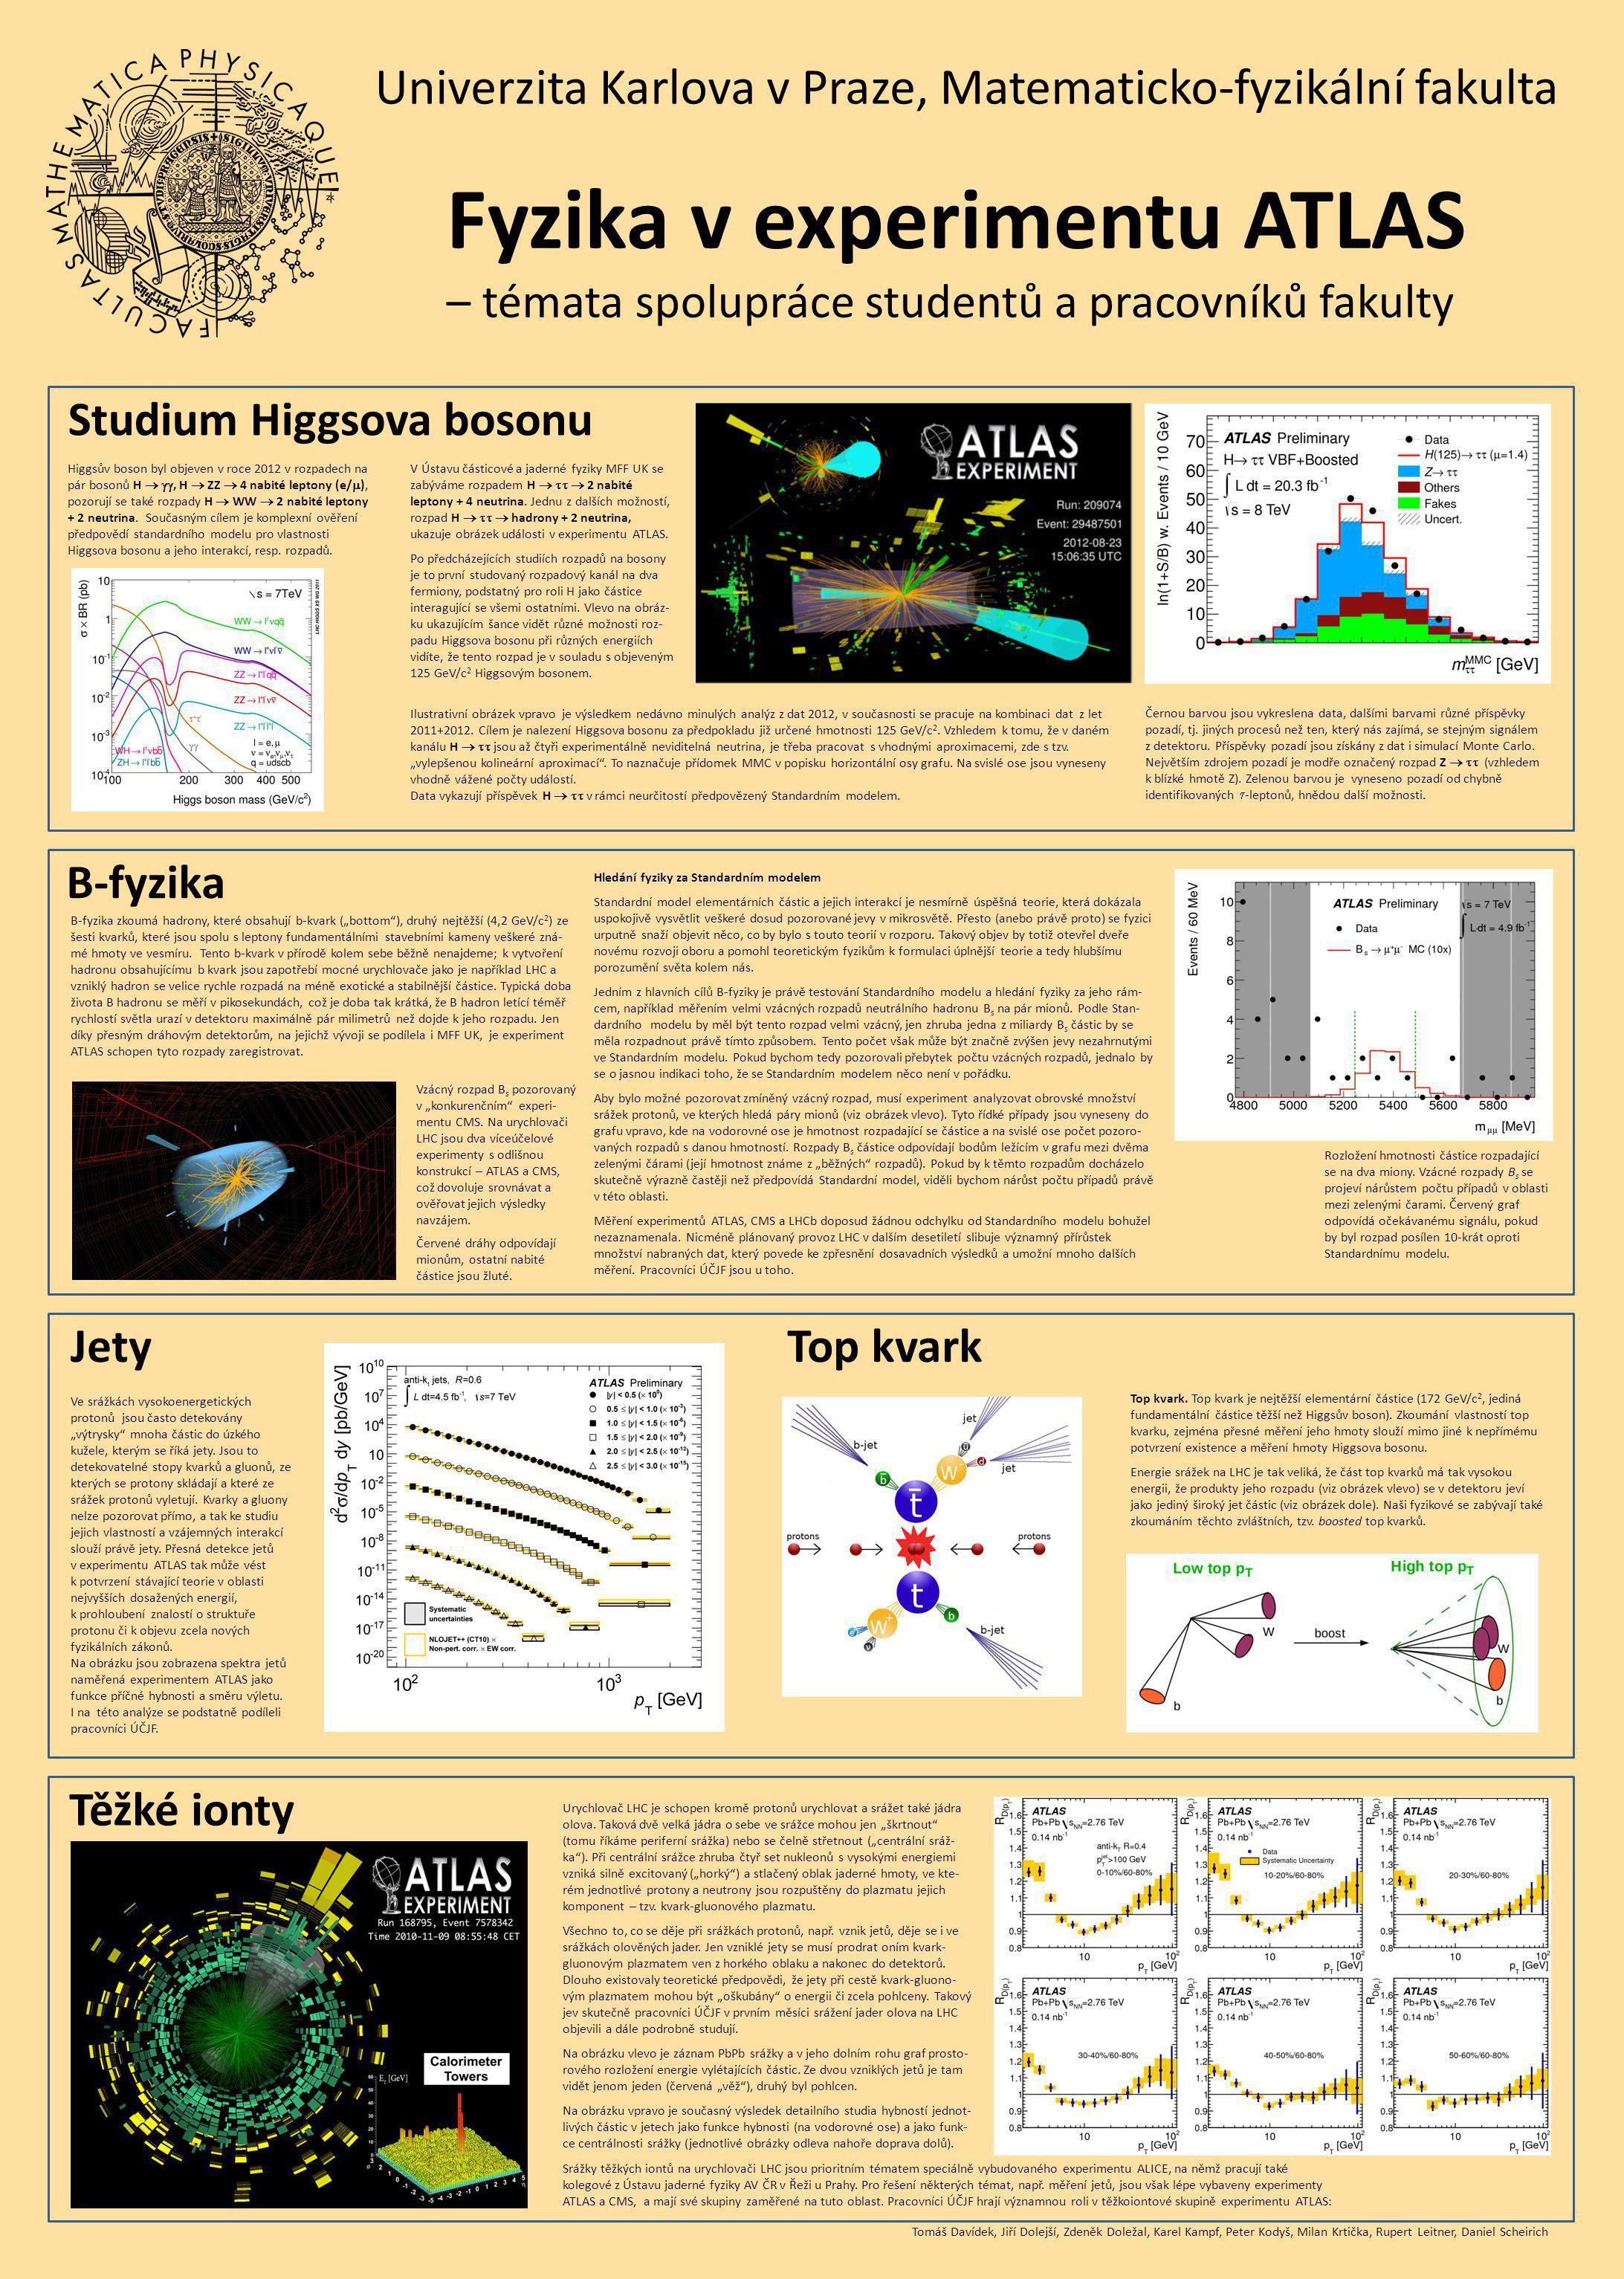 Ilustrativní obrázek vpravo je výsledkem nedávno minulých analýz z dat 2012, v současnosti se pracuje na kombinaci dat z let 2011+2012.